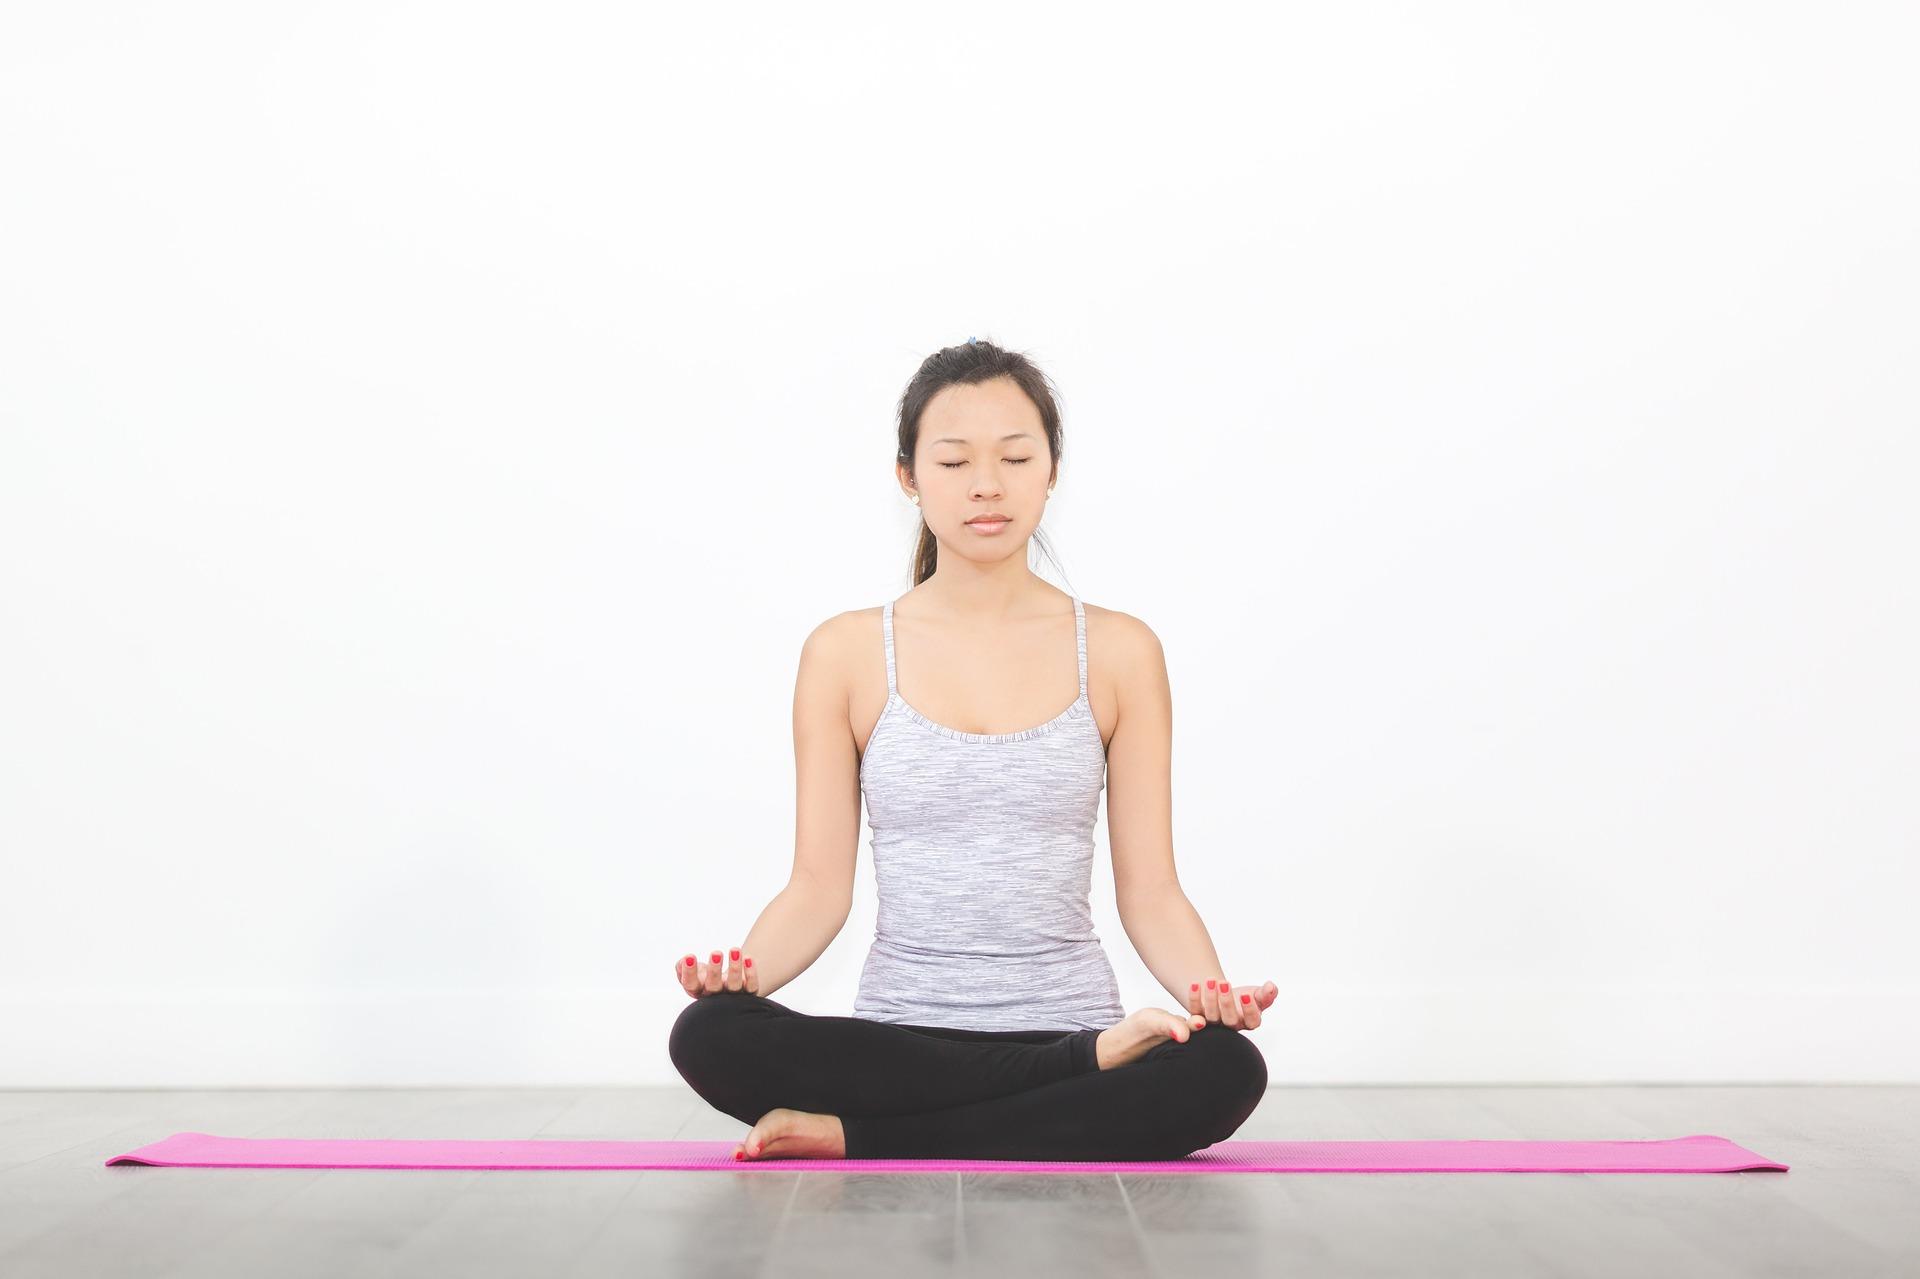 an asian woman meditating on a yoga mat